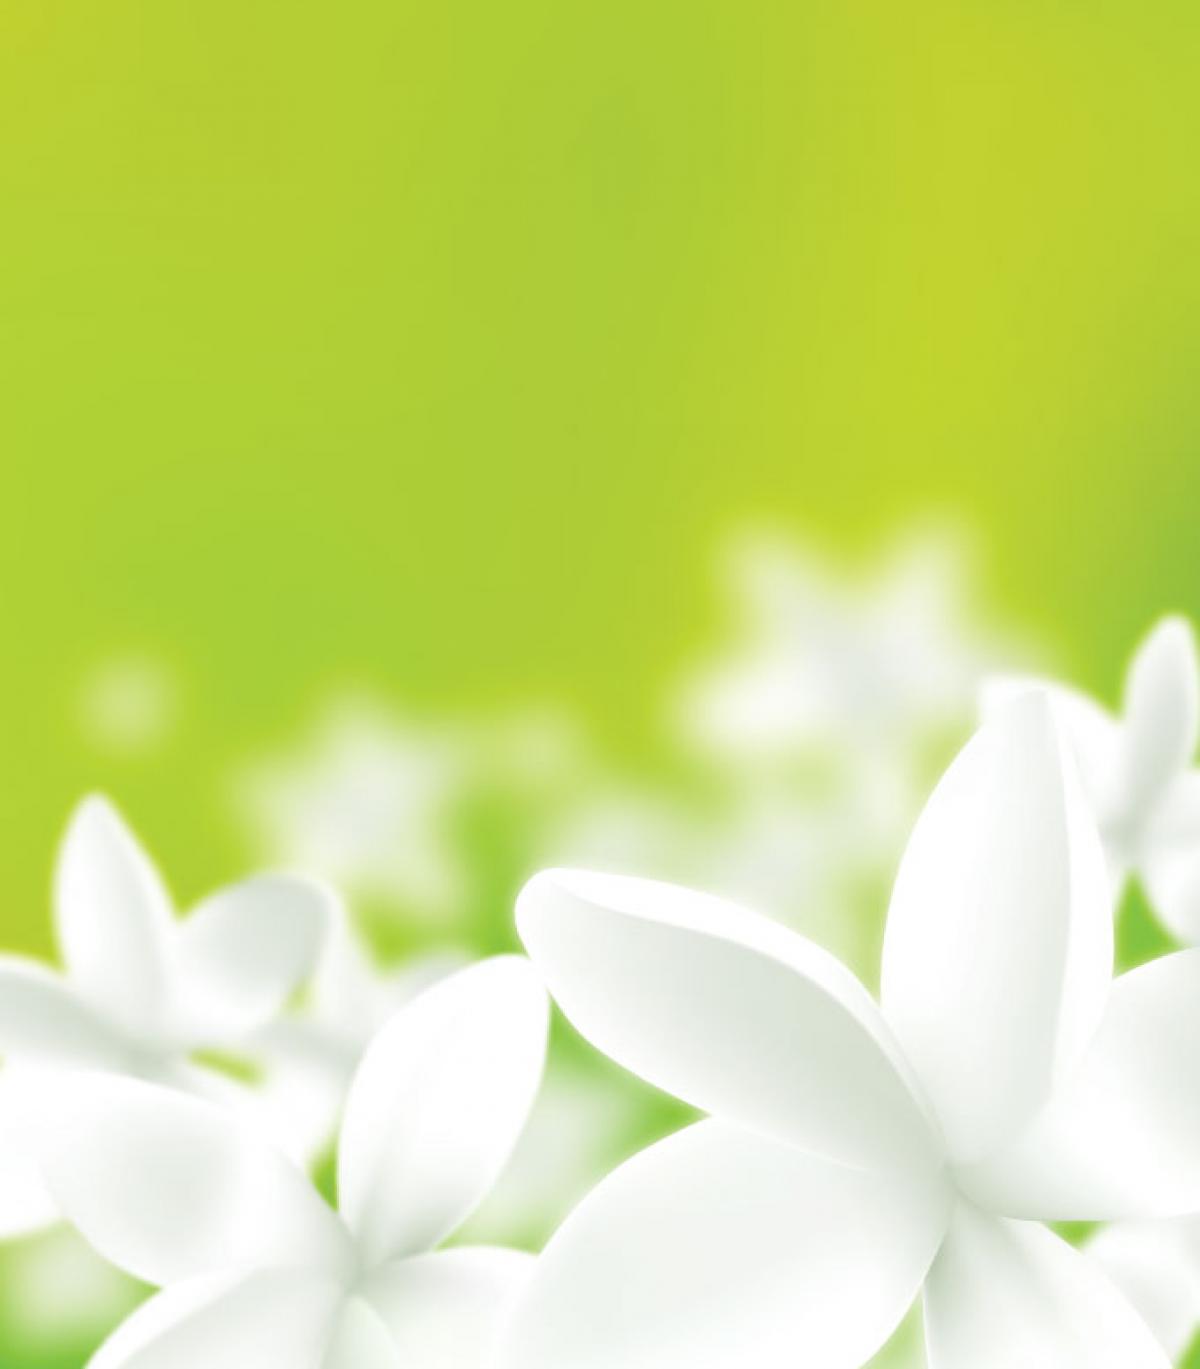 Clover Design Flower #331718